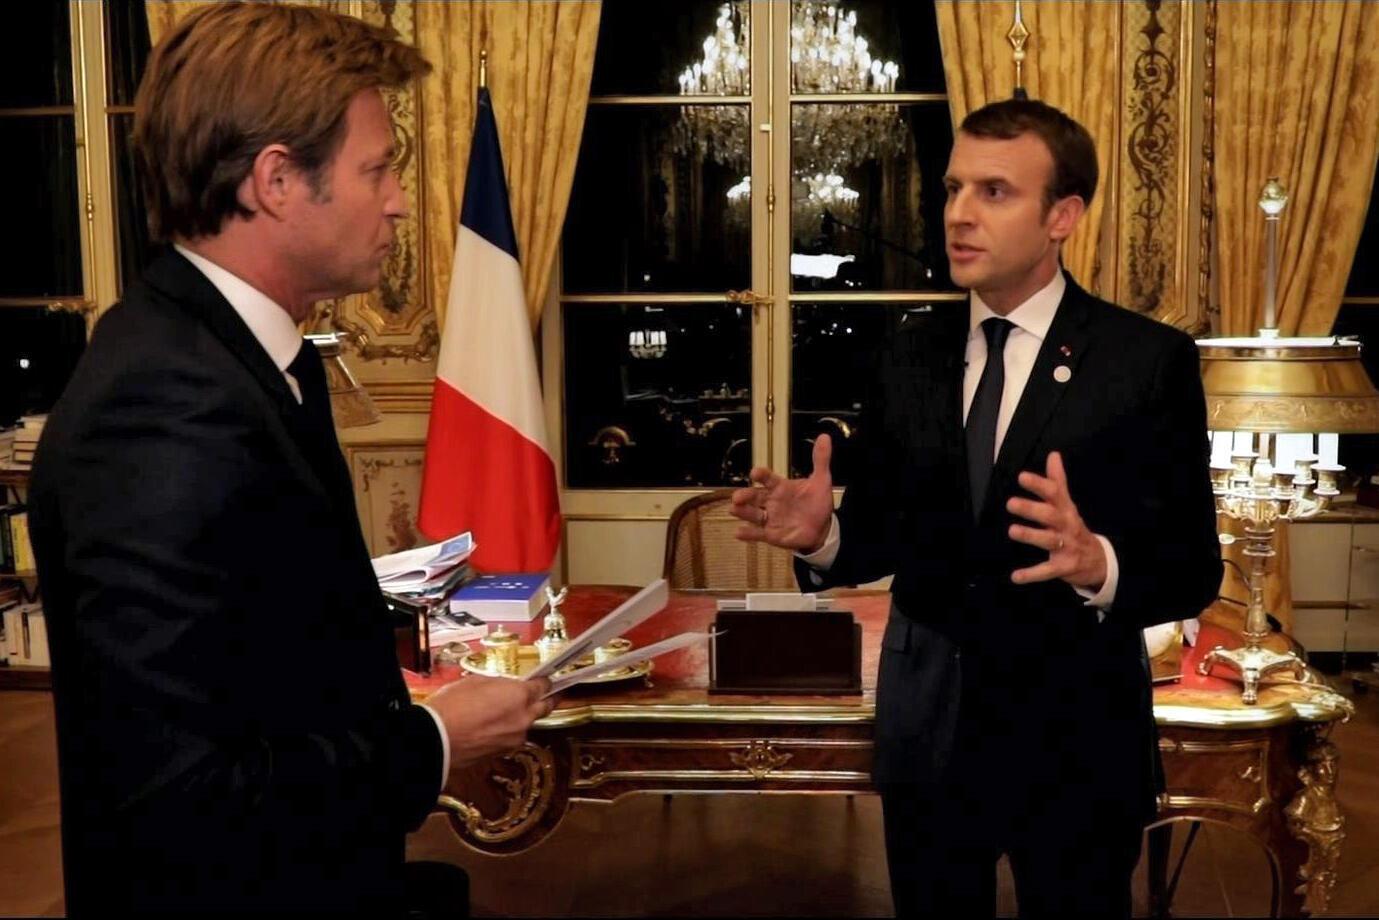 Tổng thống Pháp Emmanuel Macron (P) trả lời phóng viên France 2 Laurent Delahousse trong chương trình phát sóng tối 17/12/2017.